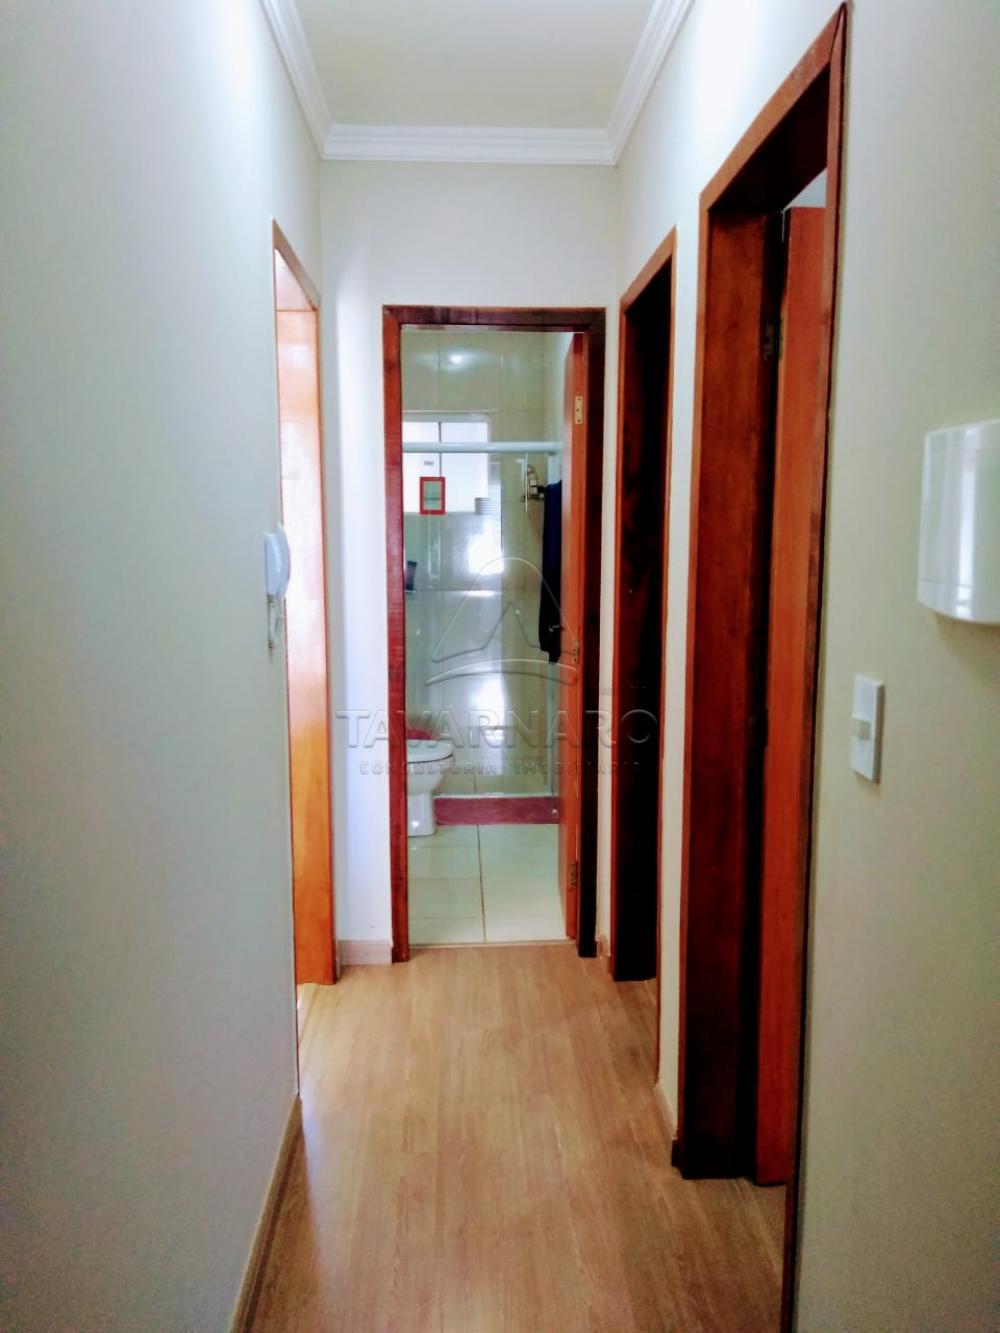 Comprar Casa / Condomínio em Ponta Grossa R$ 170.000,00 - Foto 6